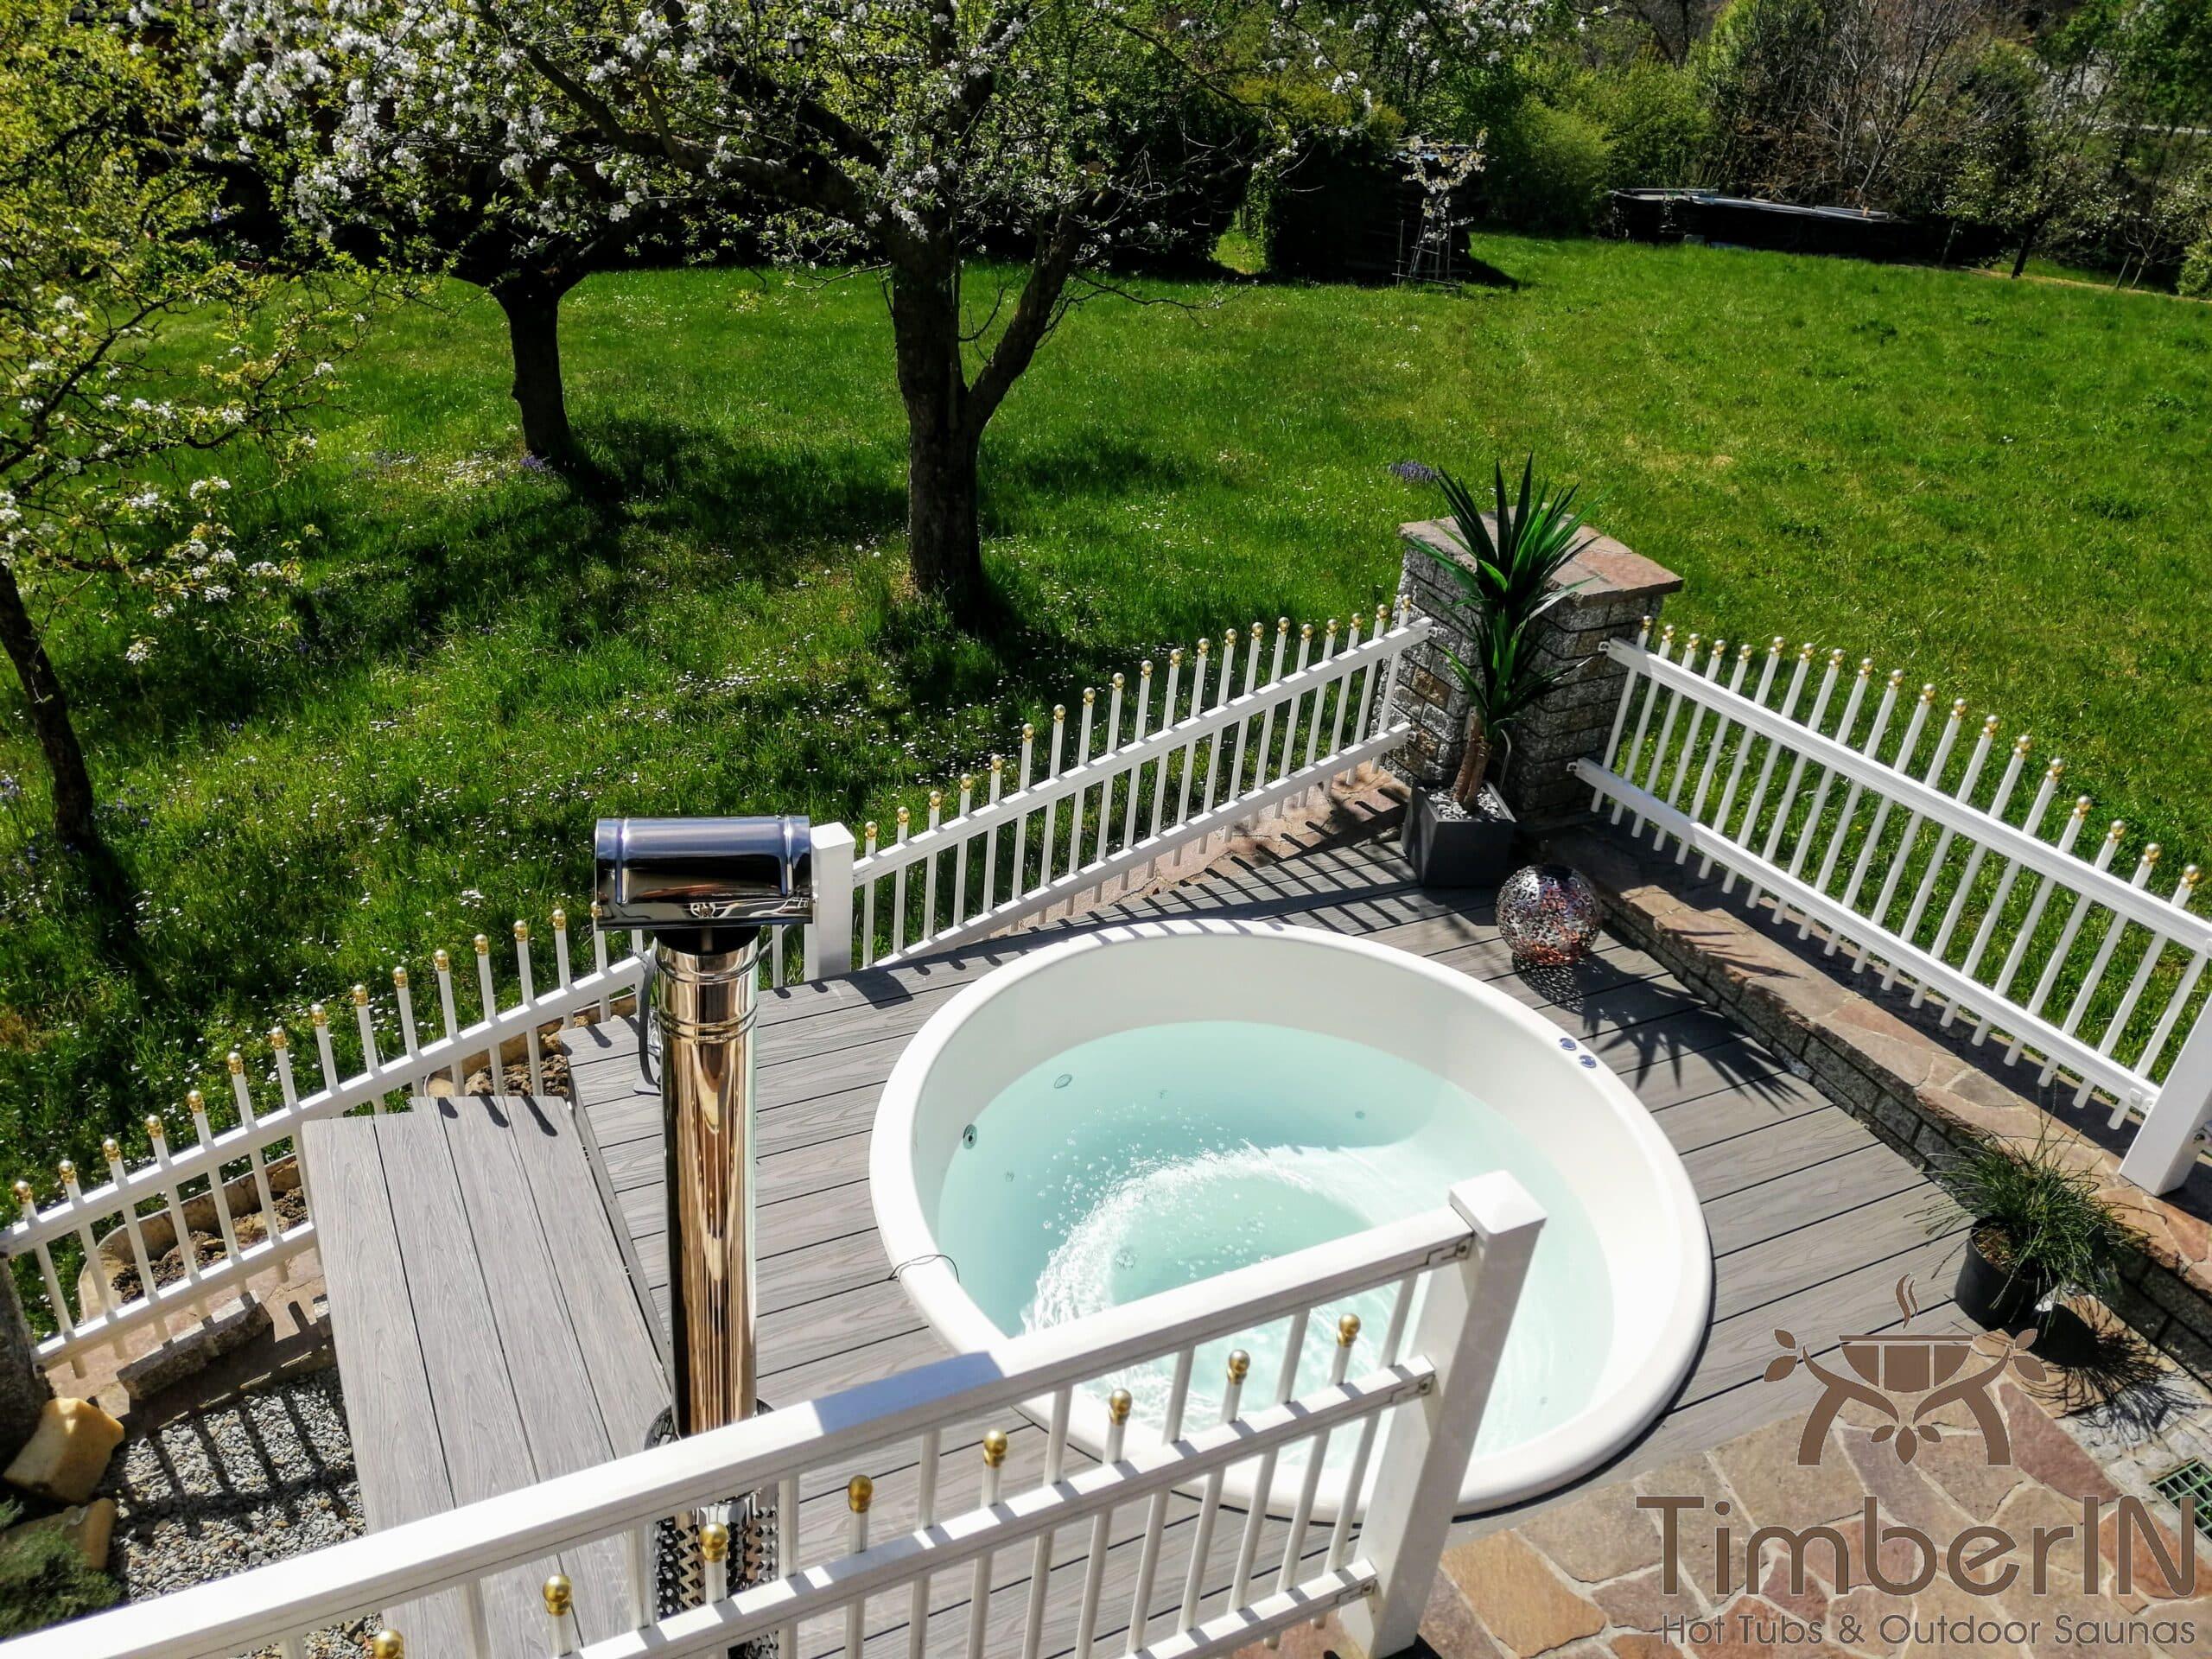 Badezuber Badefass Einbaumodell Einsatz Eingraben Eingelassen 4 1 scaled